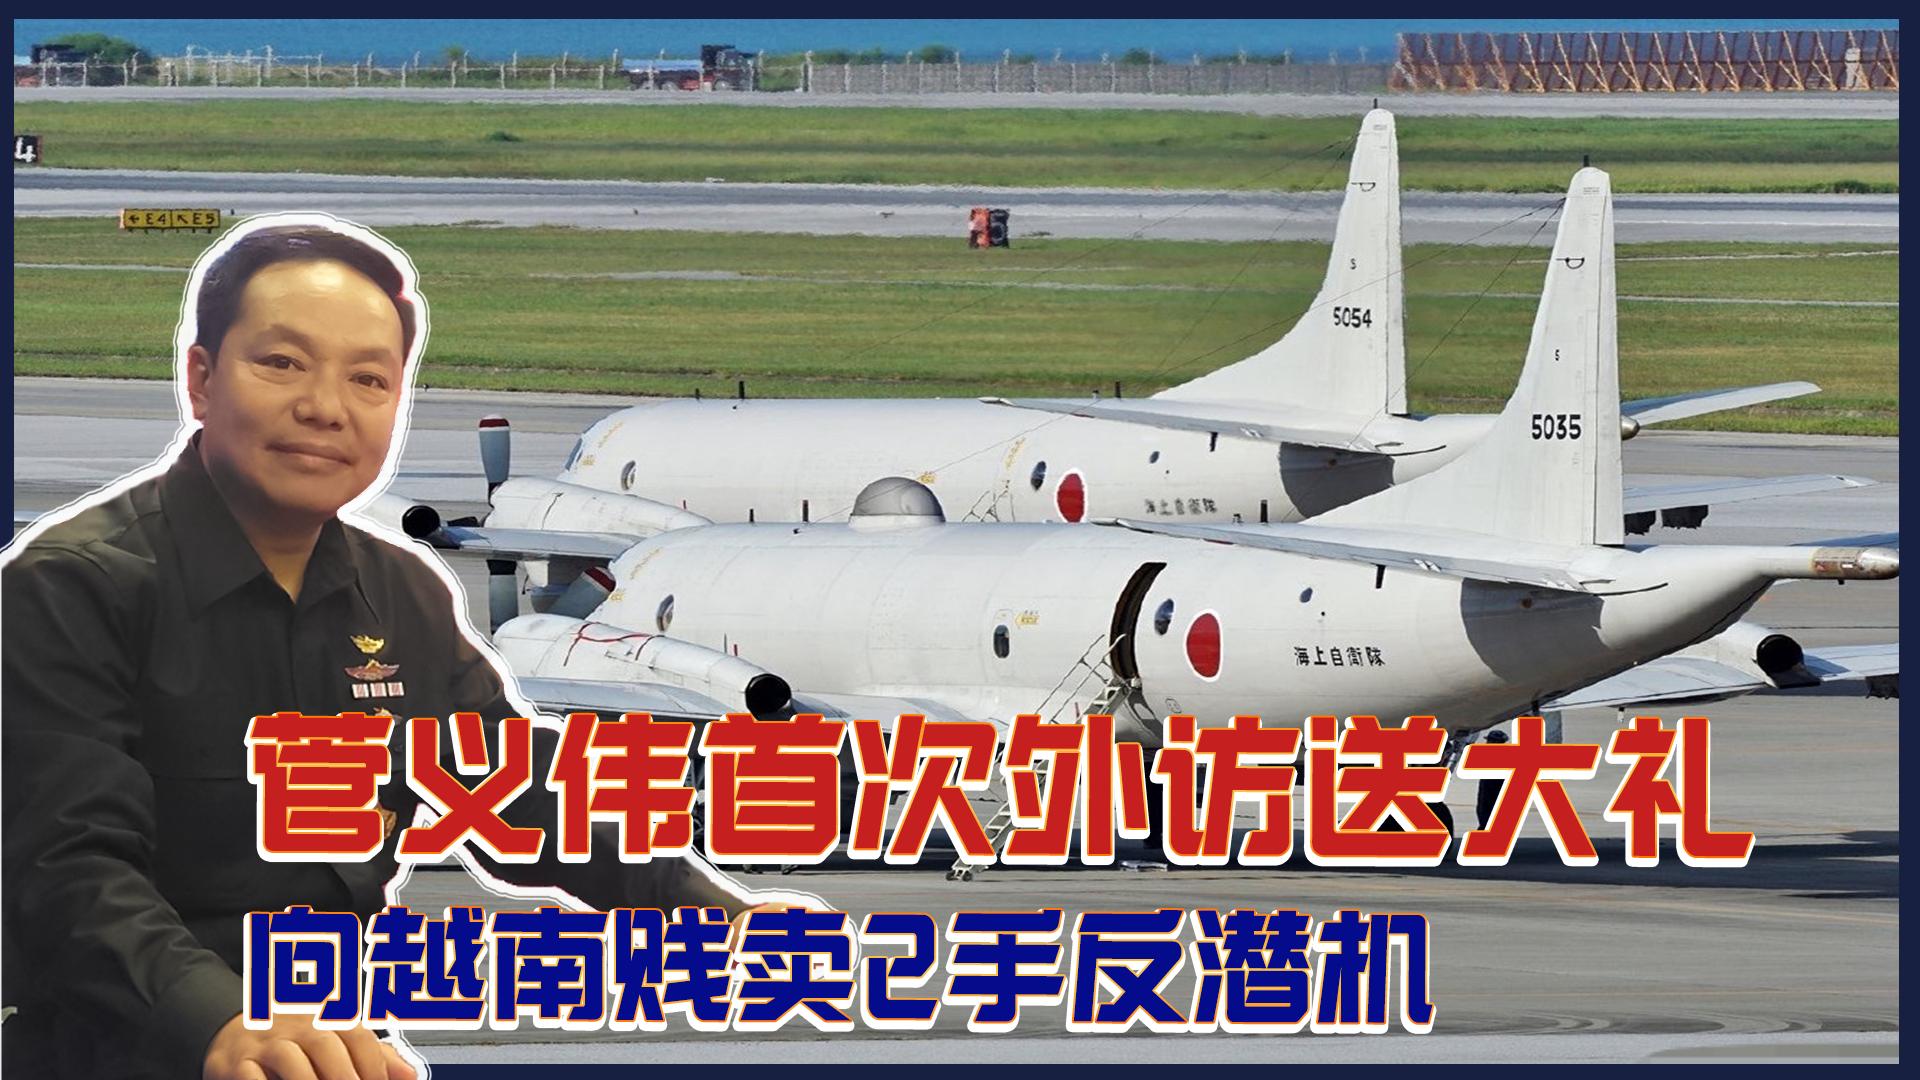 菅义伟首次外访送大礼,向越南贱卖2手反潜机,或成核潜艇天敌?